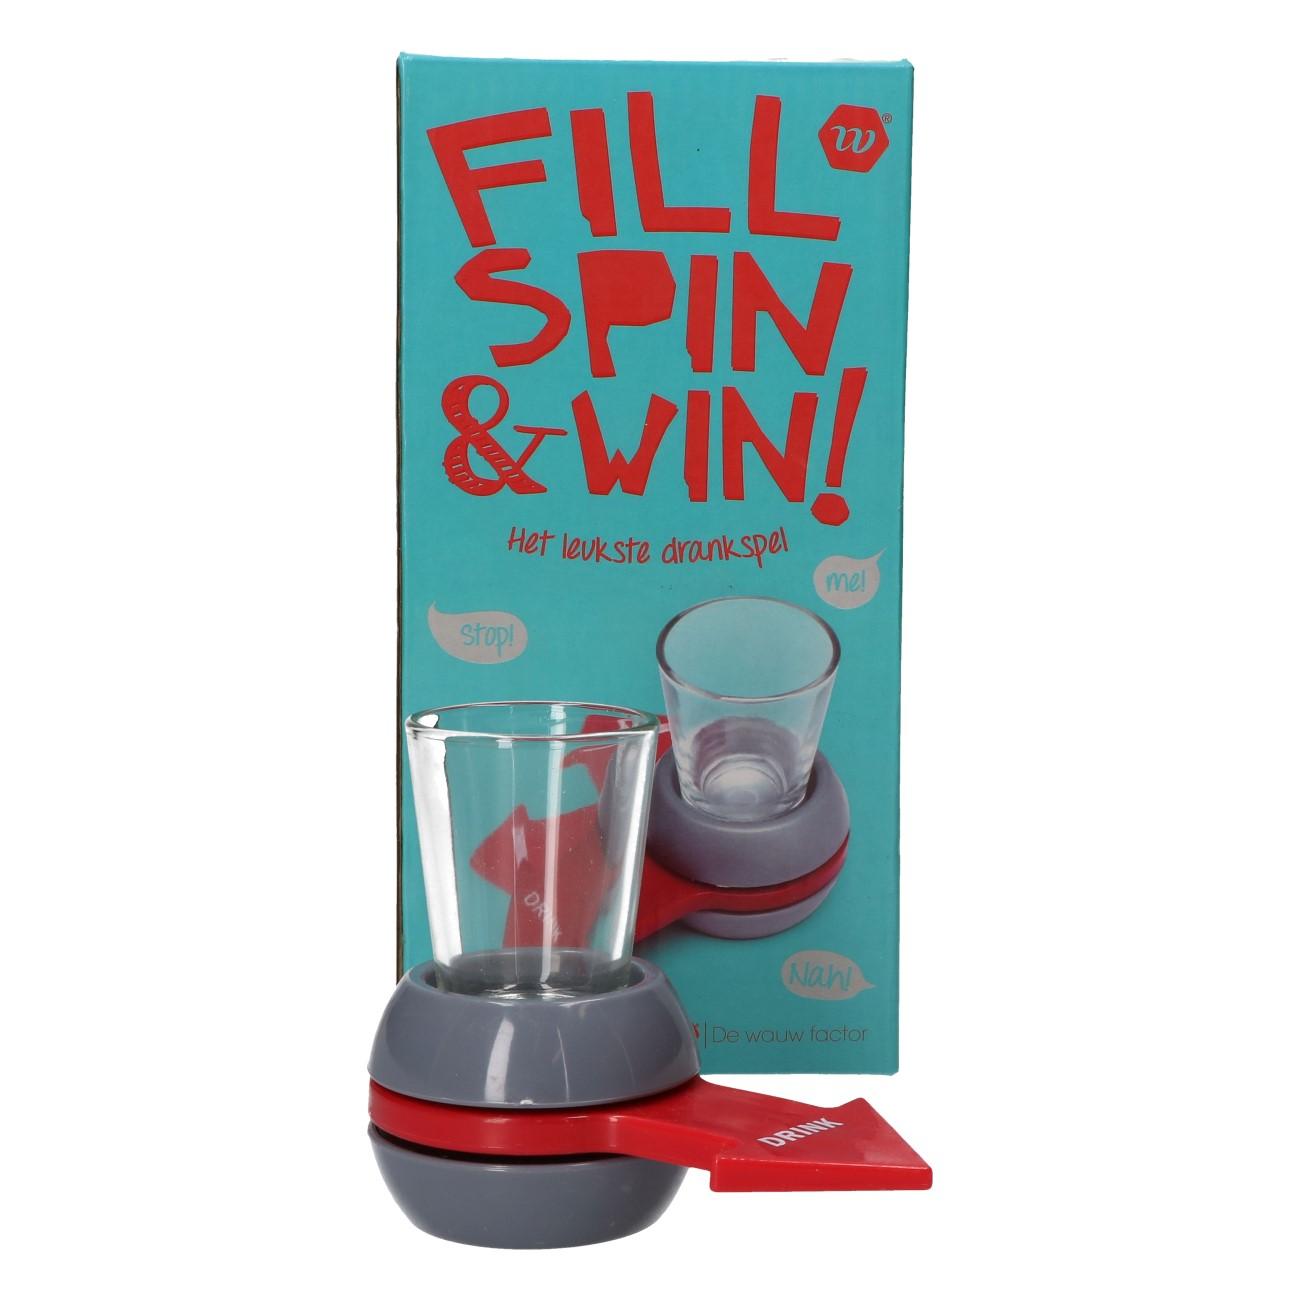 Fill spin & win